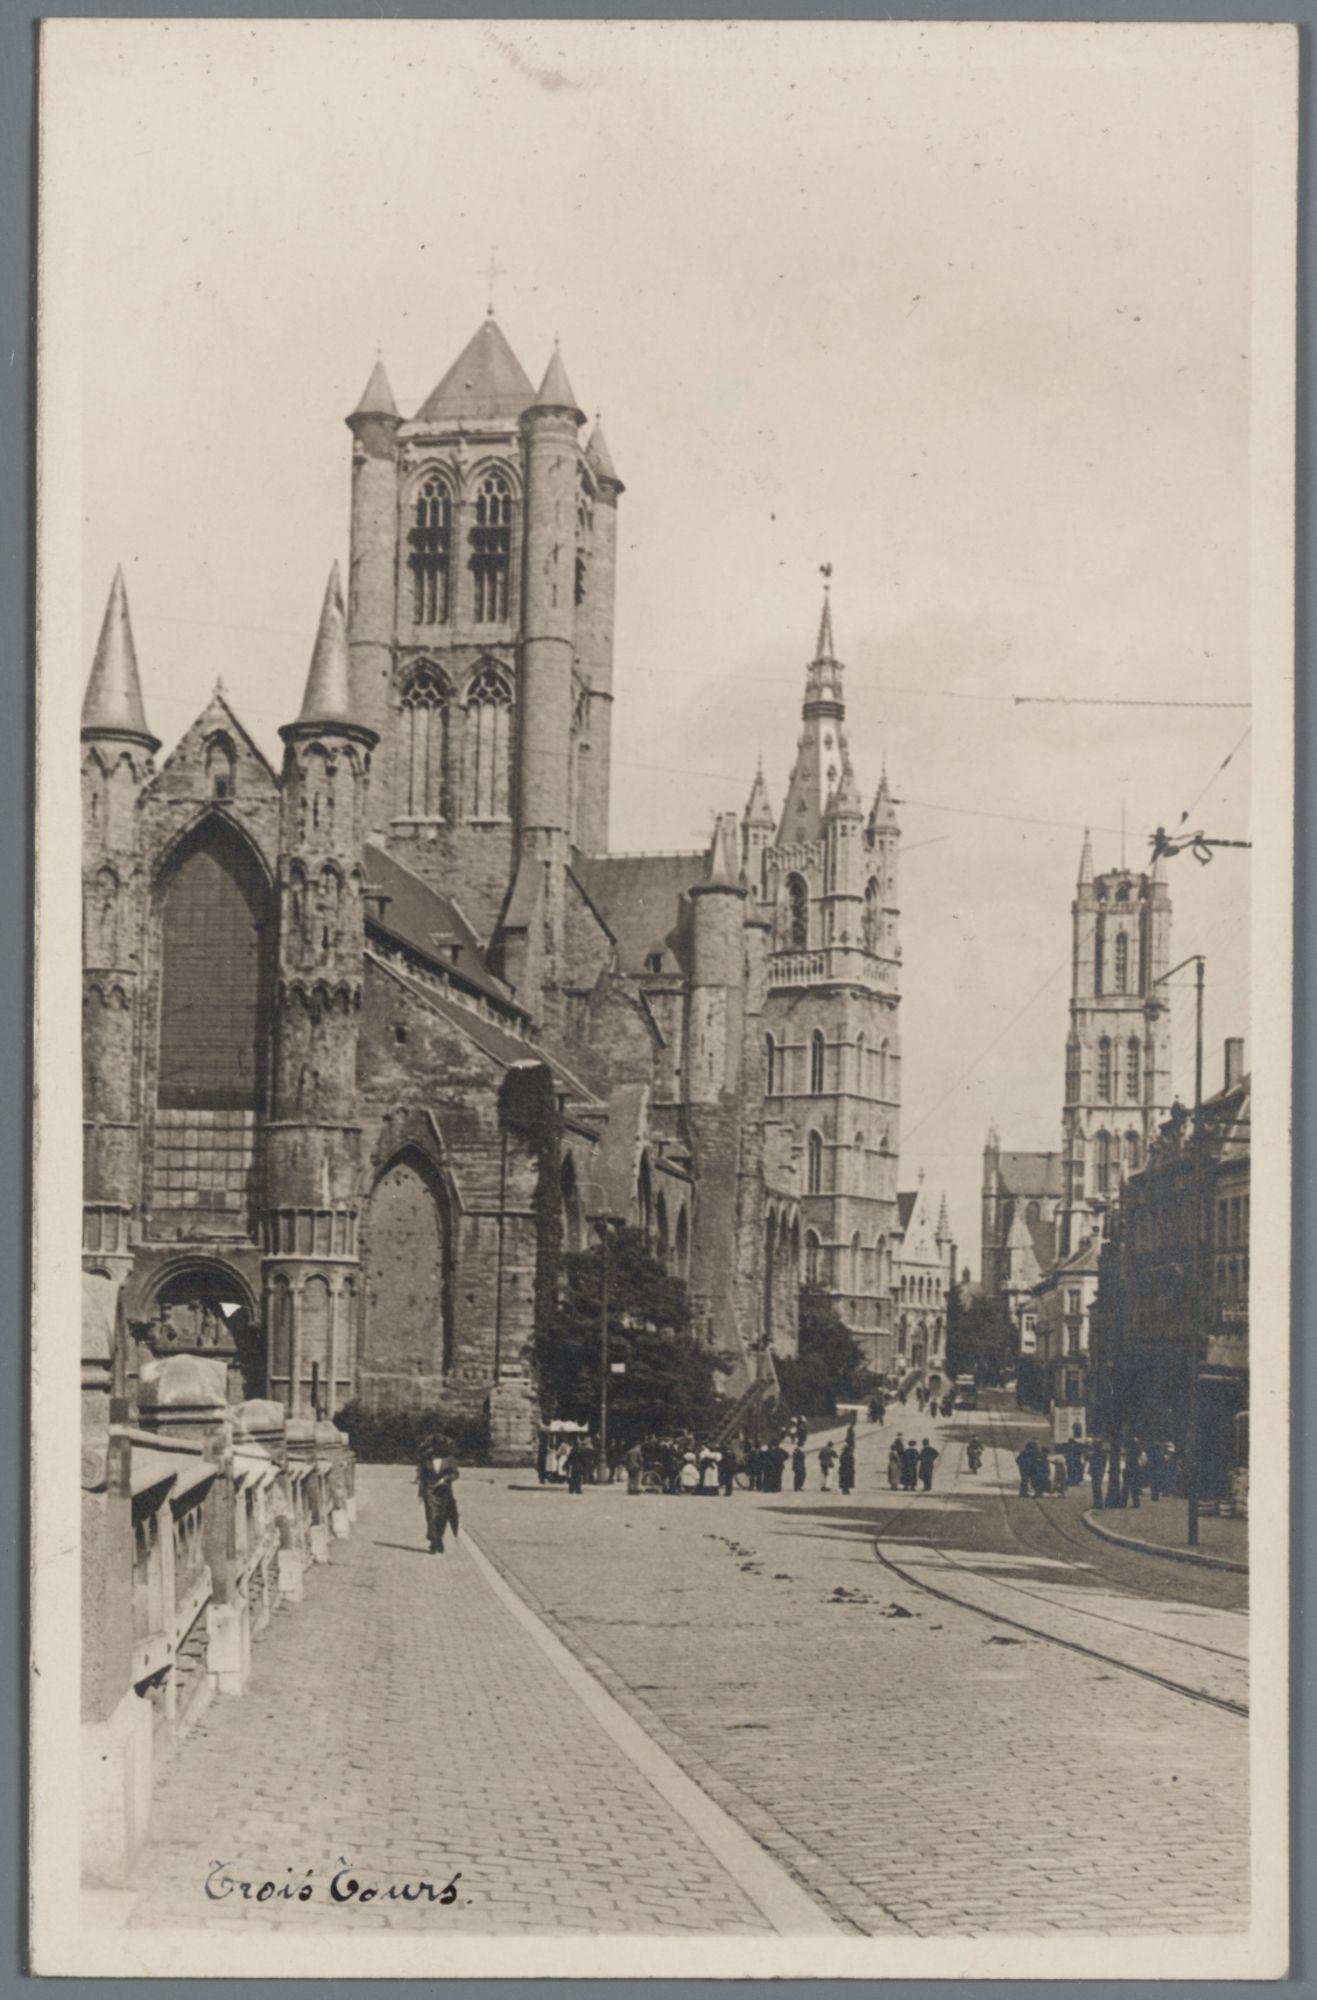 Gent: Sint-Michielsbrug met de drie torens